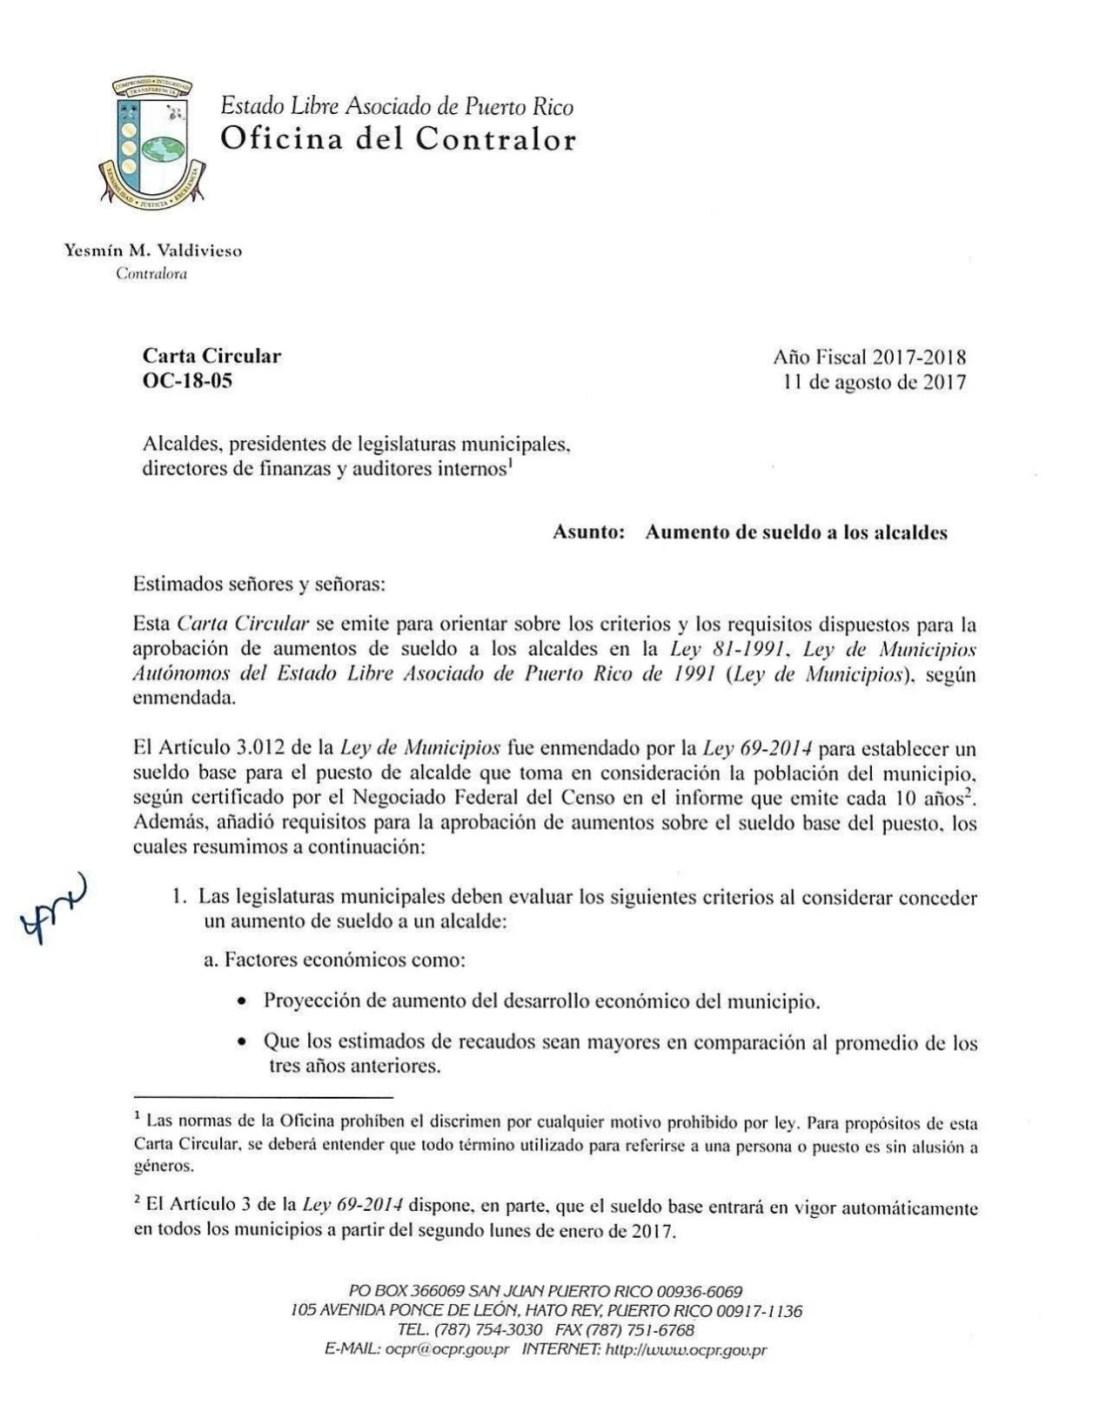 Carta Circular Aumento de sueldo a los alcaldes